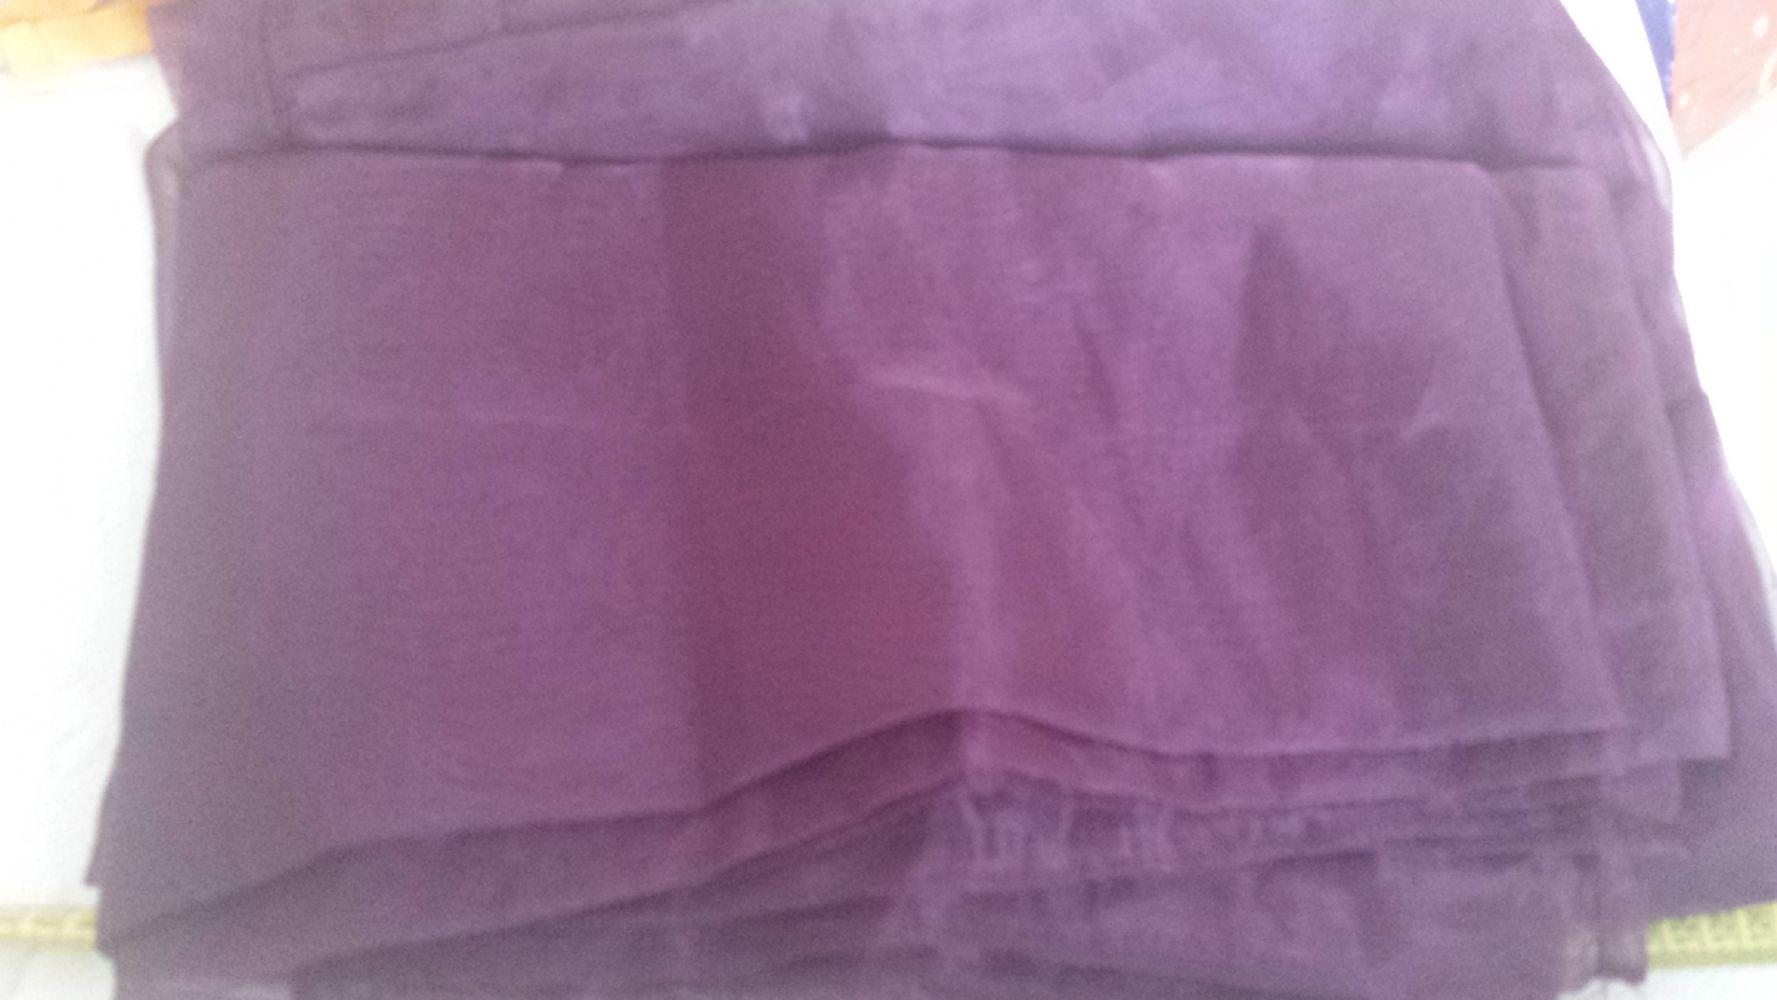 Tende Trasparenti Ikea : Baratto scambio: coppia tende ikea nuove [ arredamento complementi d